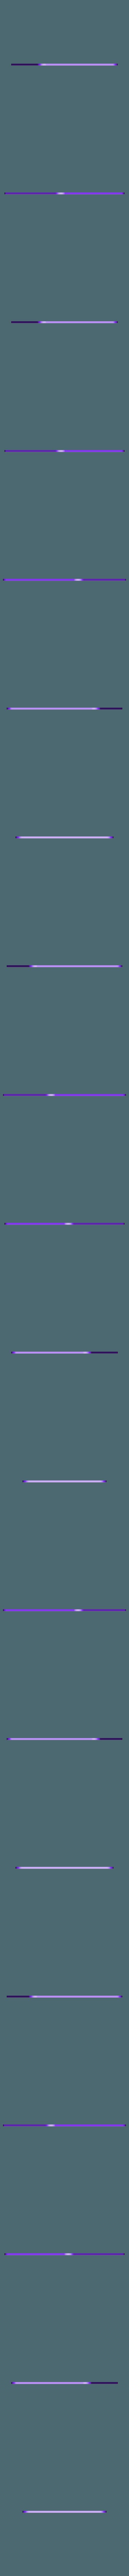 Base2_1.stl Télécharger fichier STL gratuit Support mince pour ordinateur portable • Design pour imprimante 3D, Kliffom